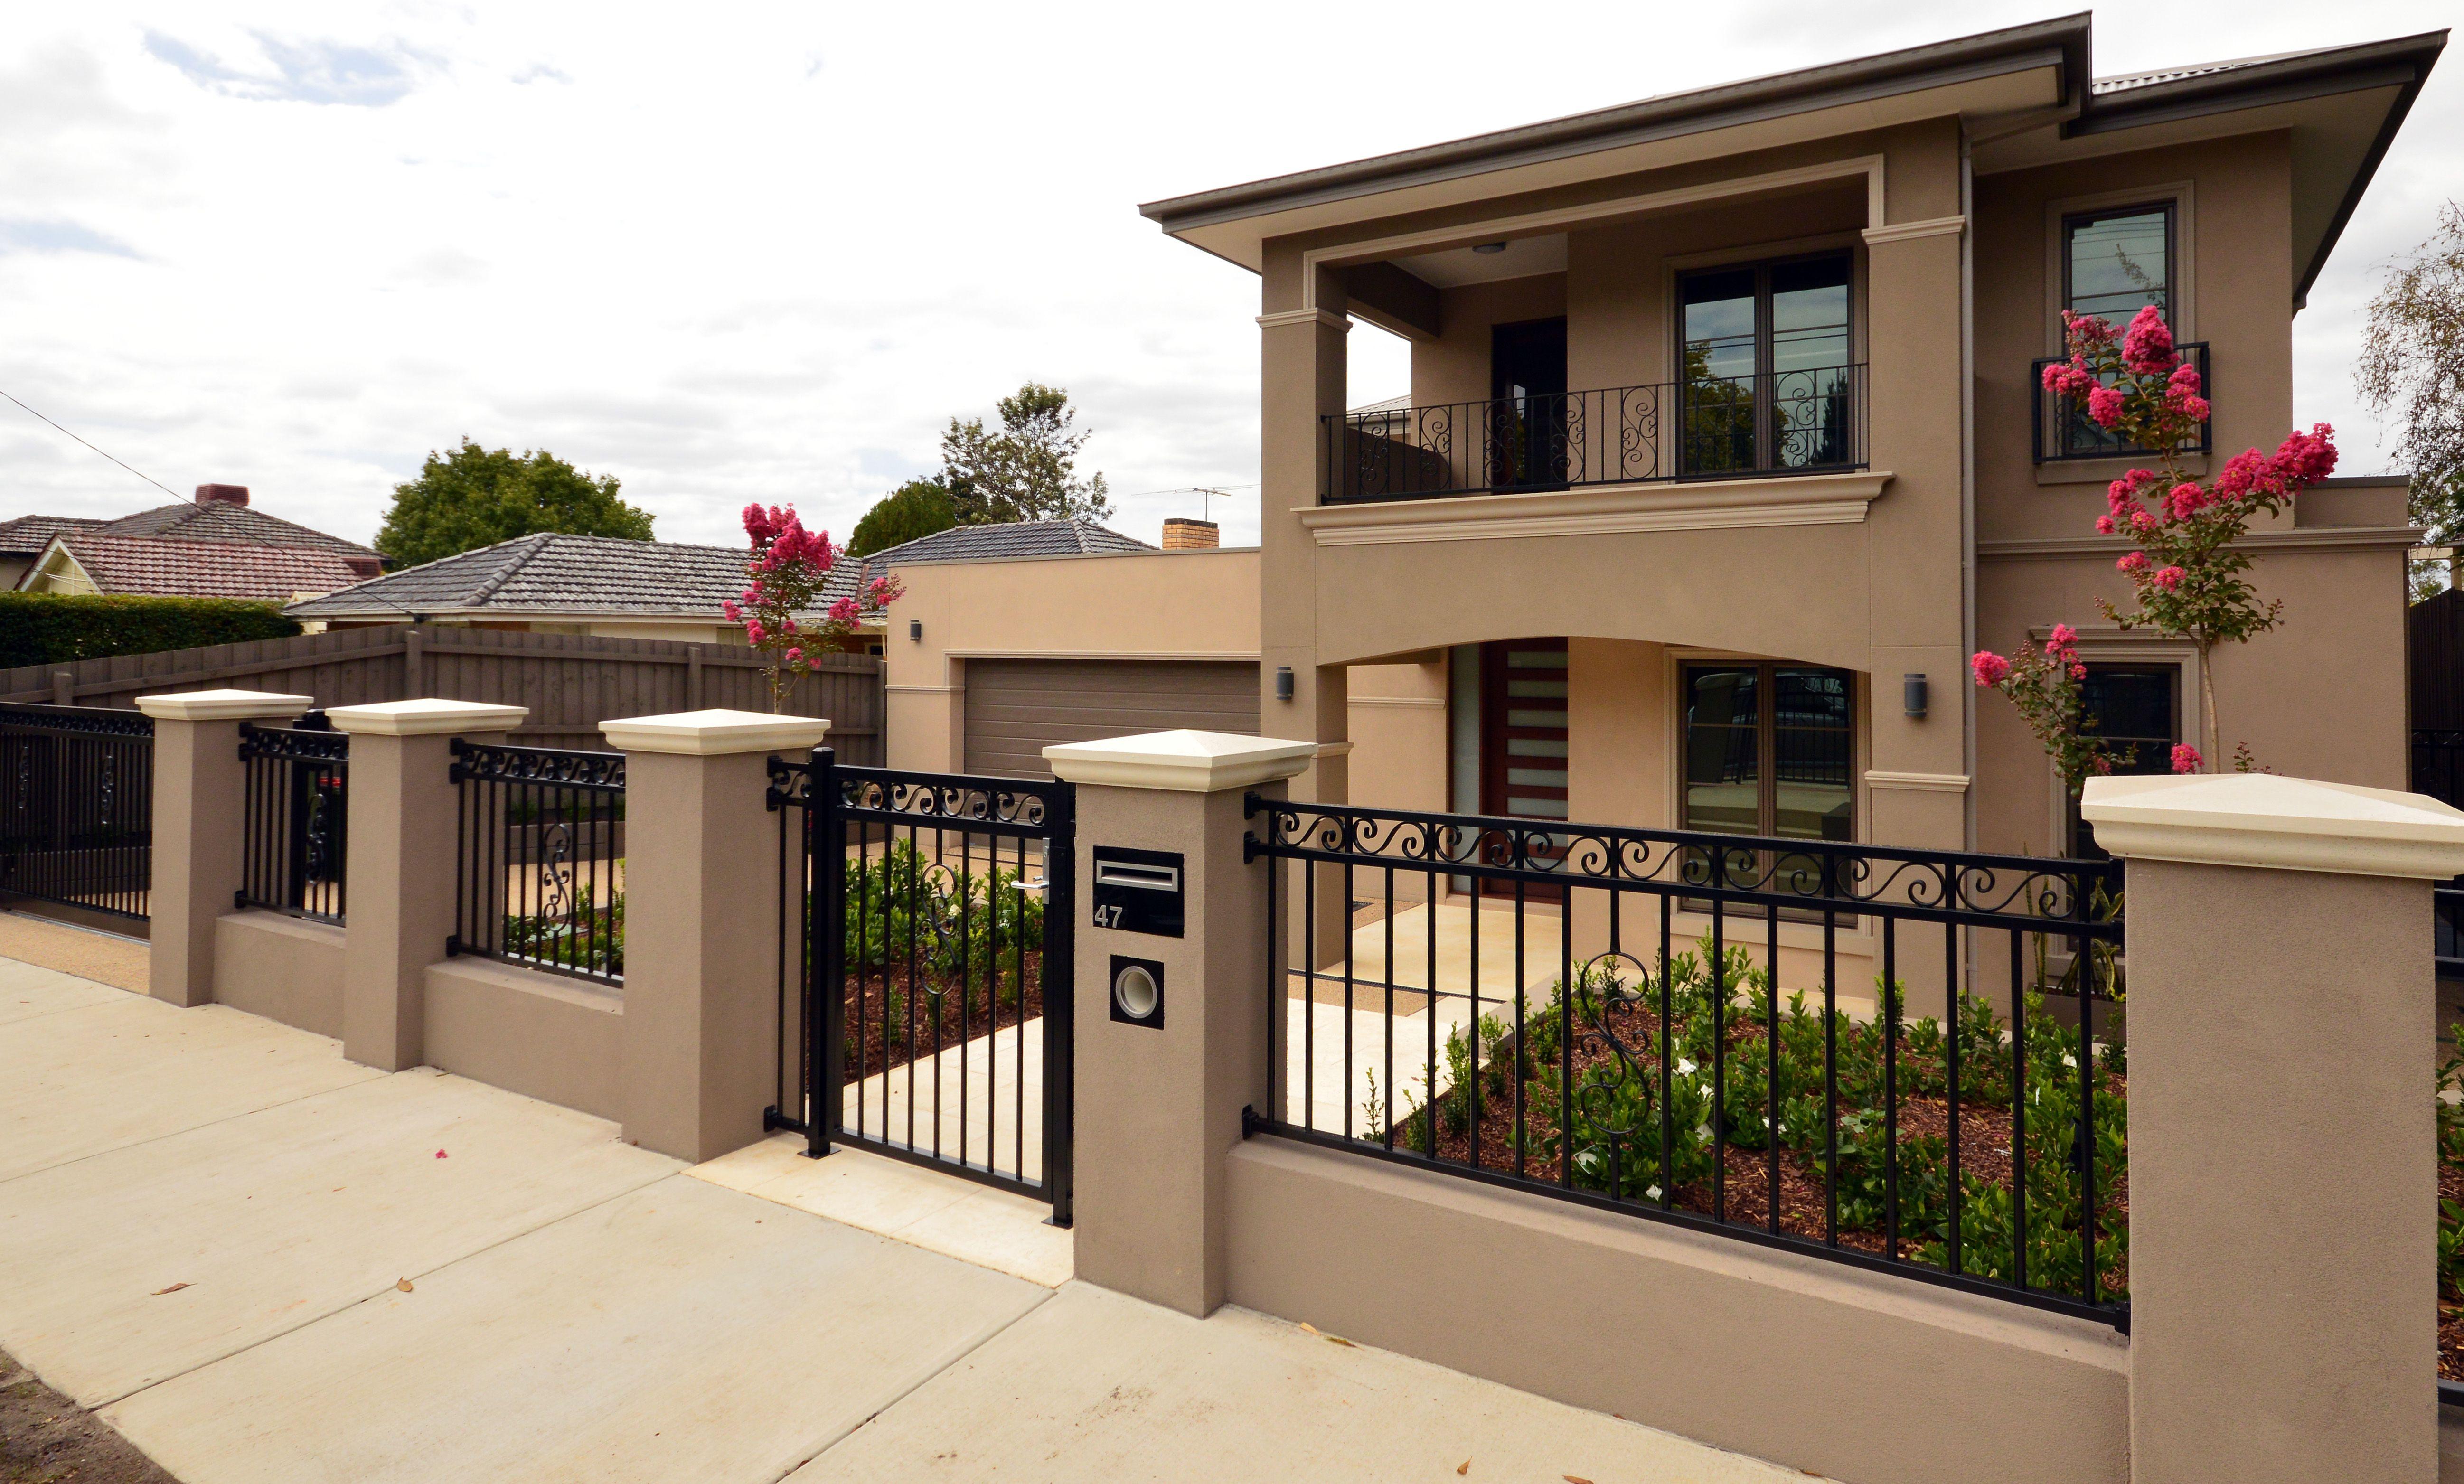 Front gate casas y planos en 2019 casas casas - Decoraciones de casas modernas ...